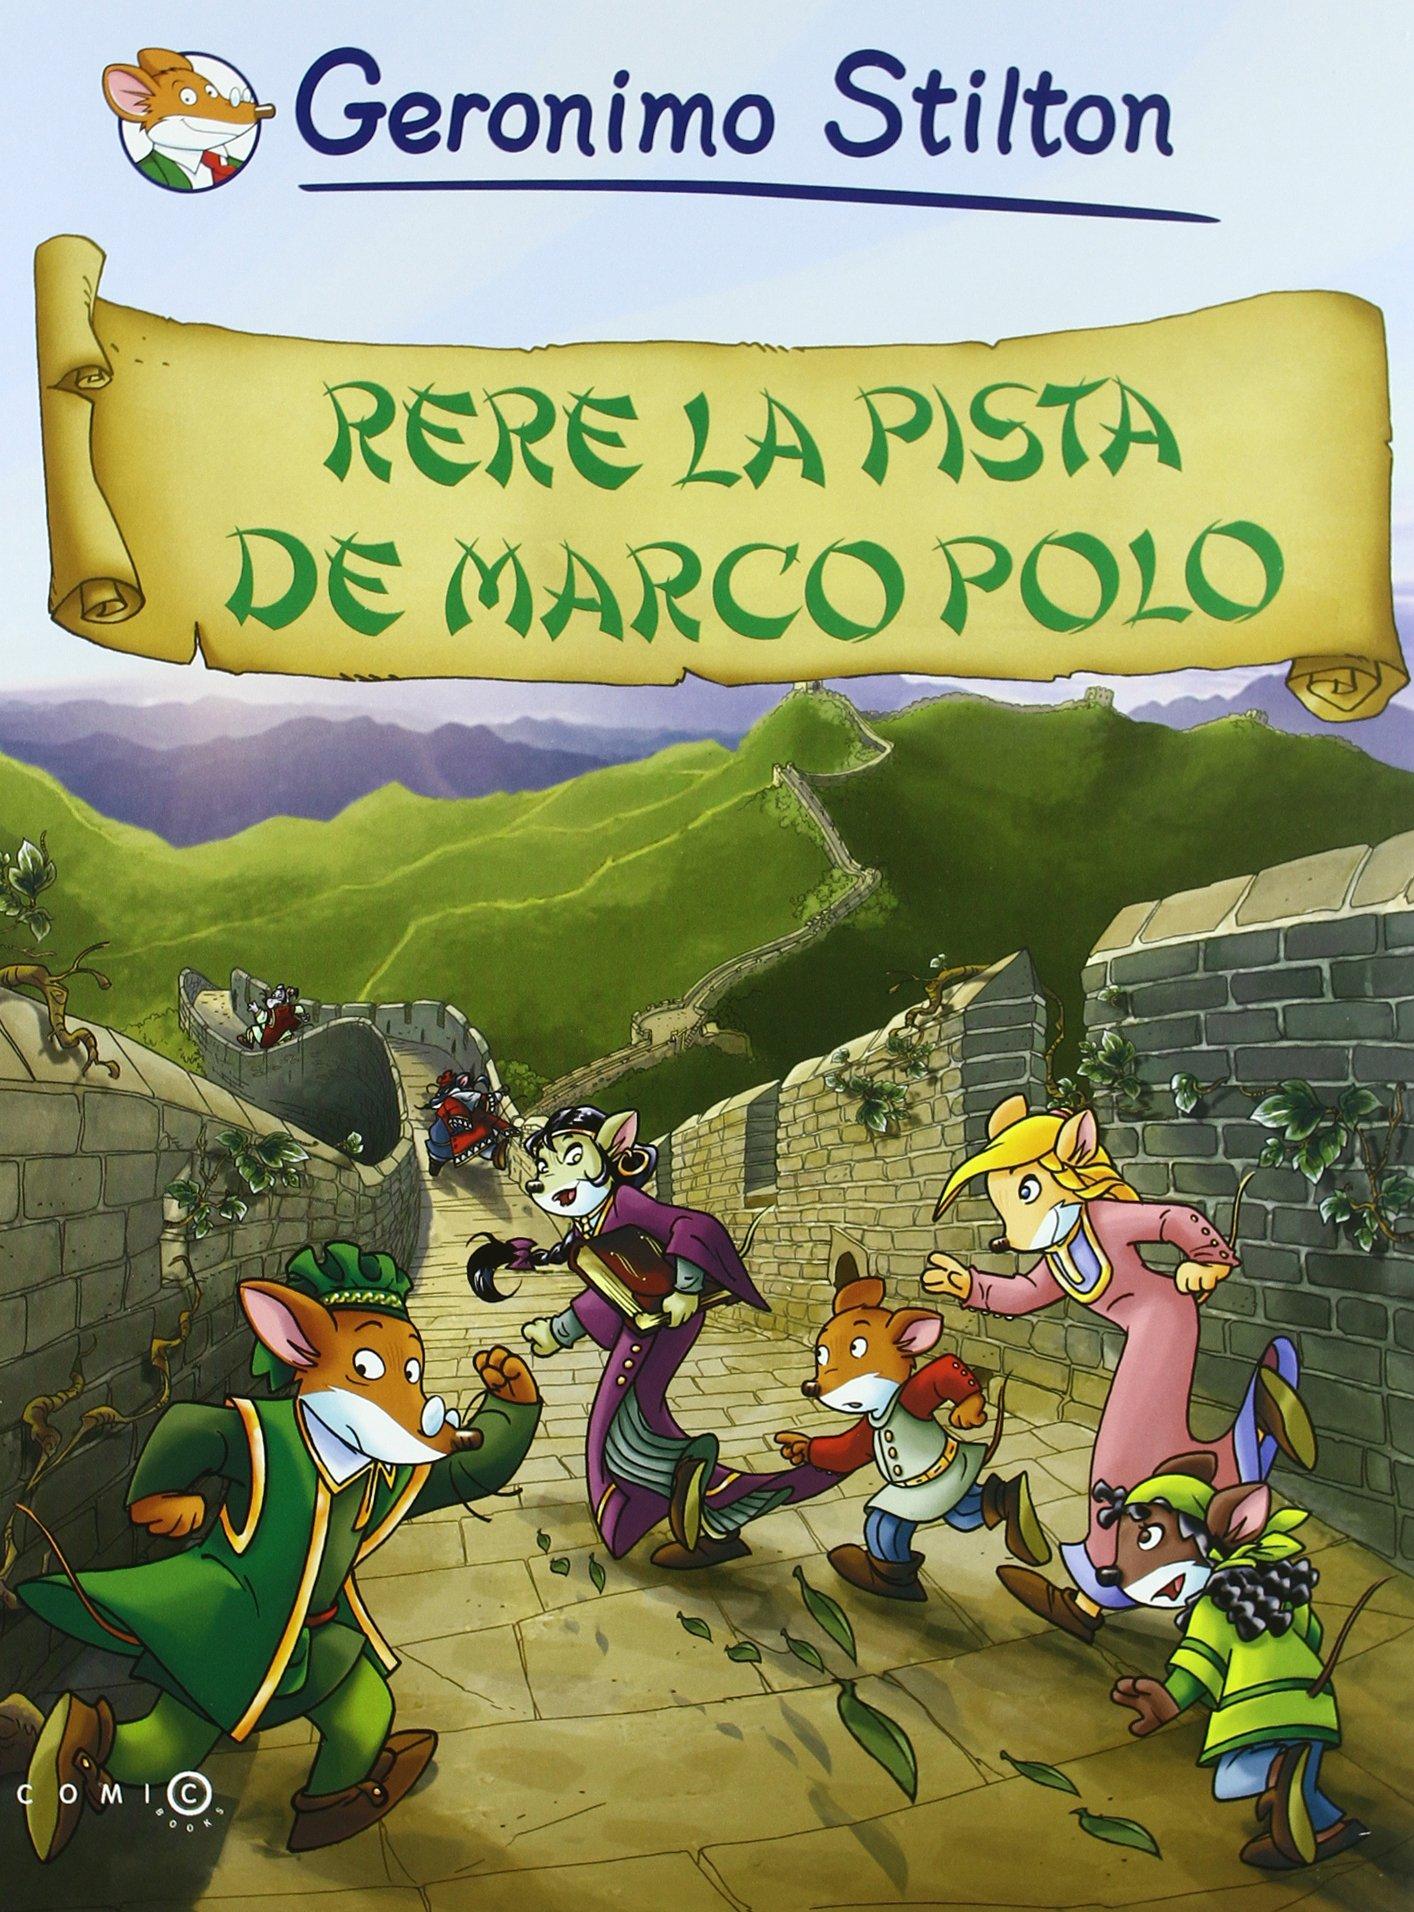 Rere la pista de Marco Polo (Comic Books): Amazon.es: Stilton, Geronimo, Nel.lo Colom, David: Libros